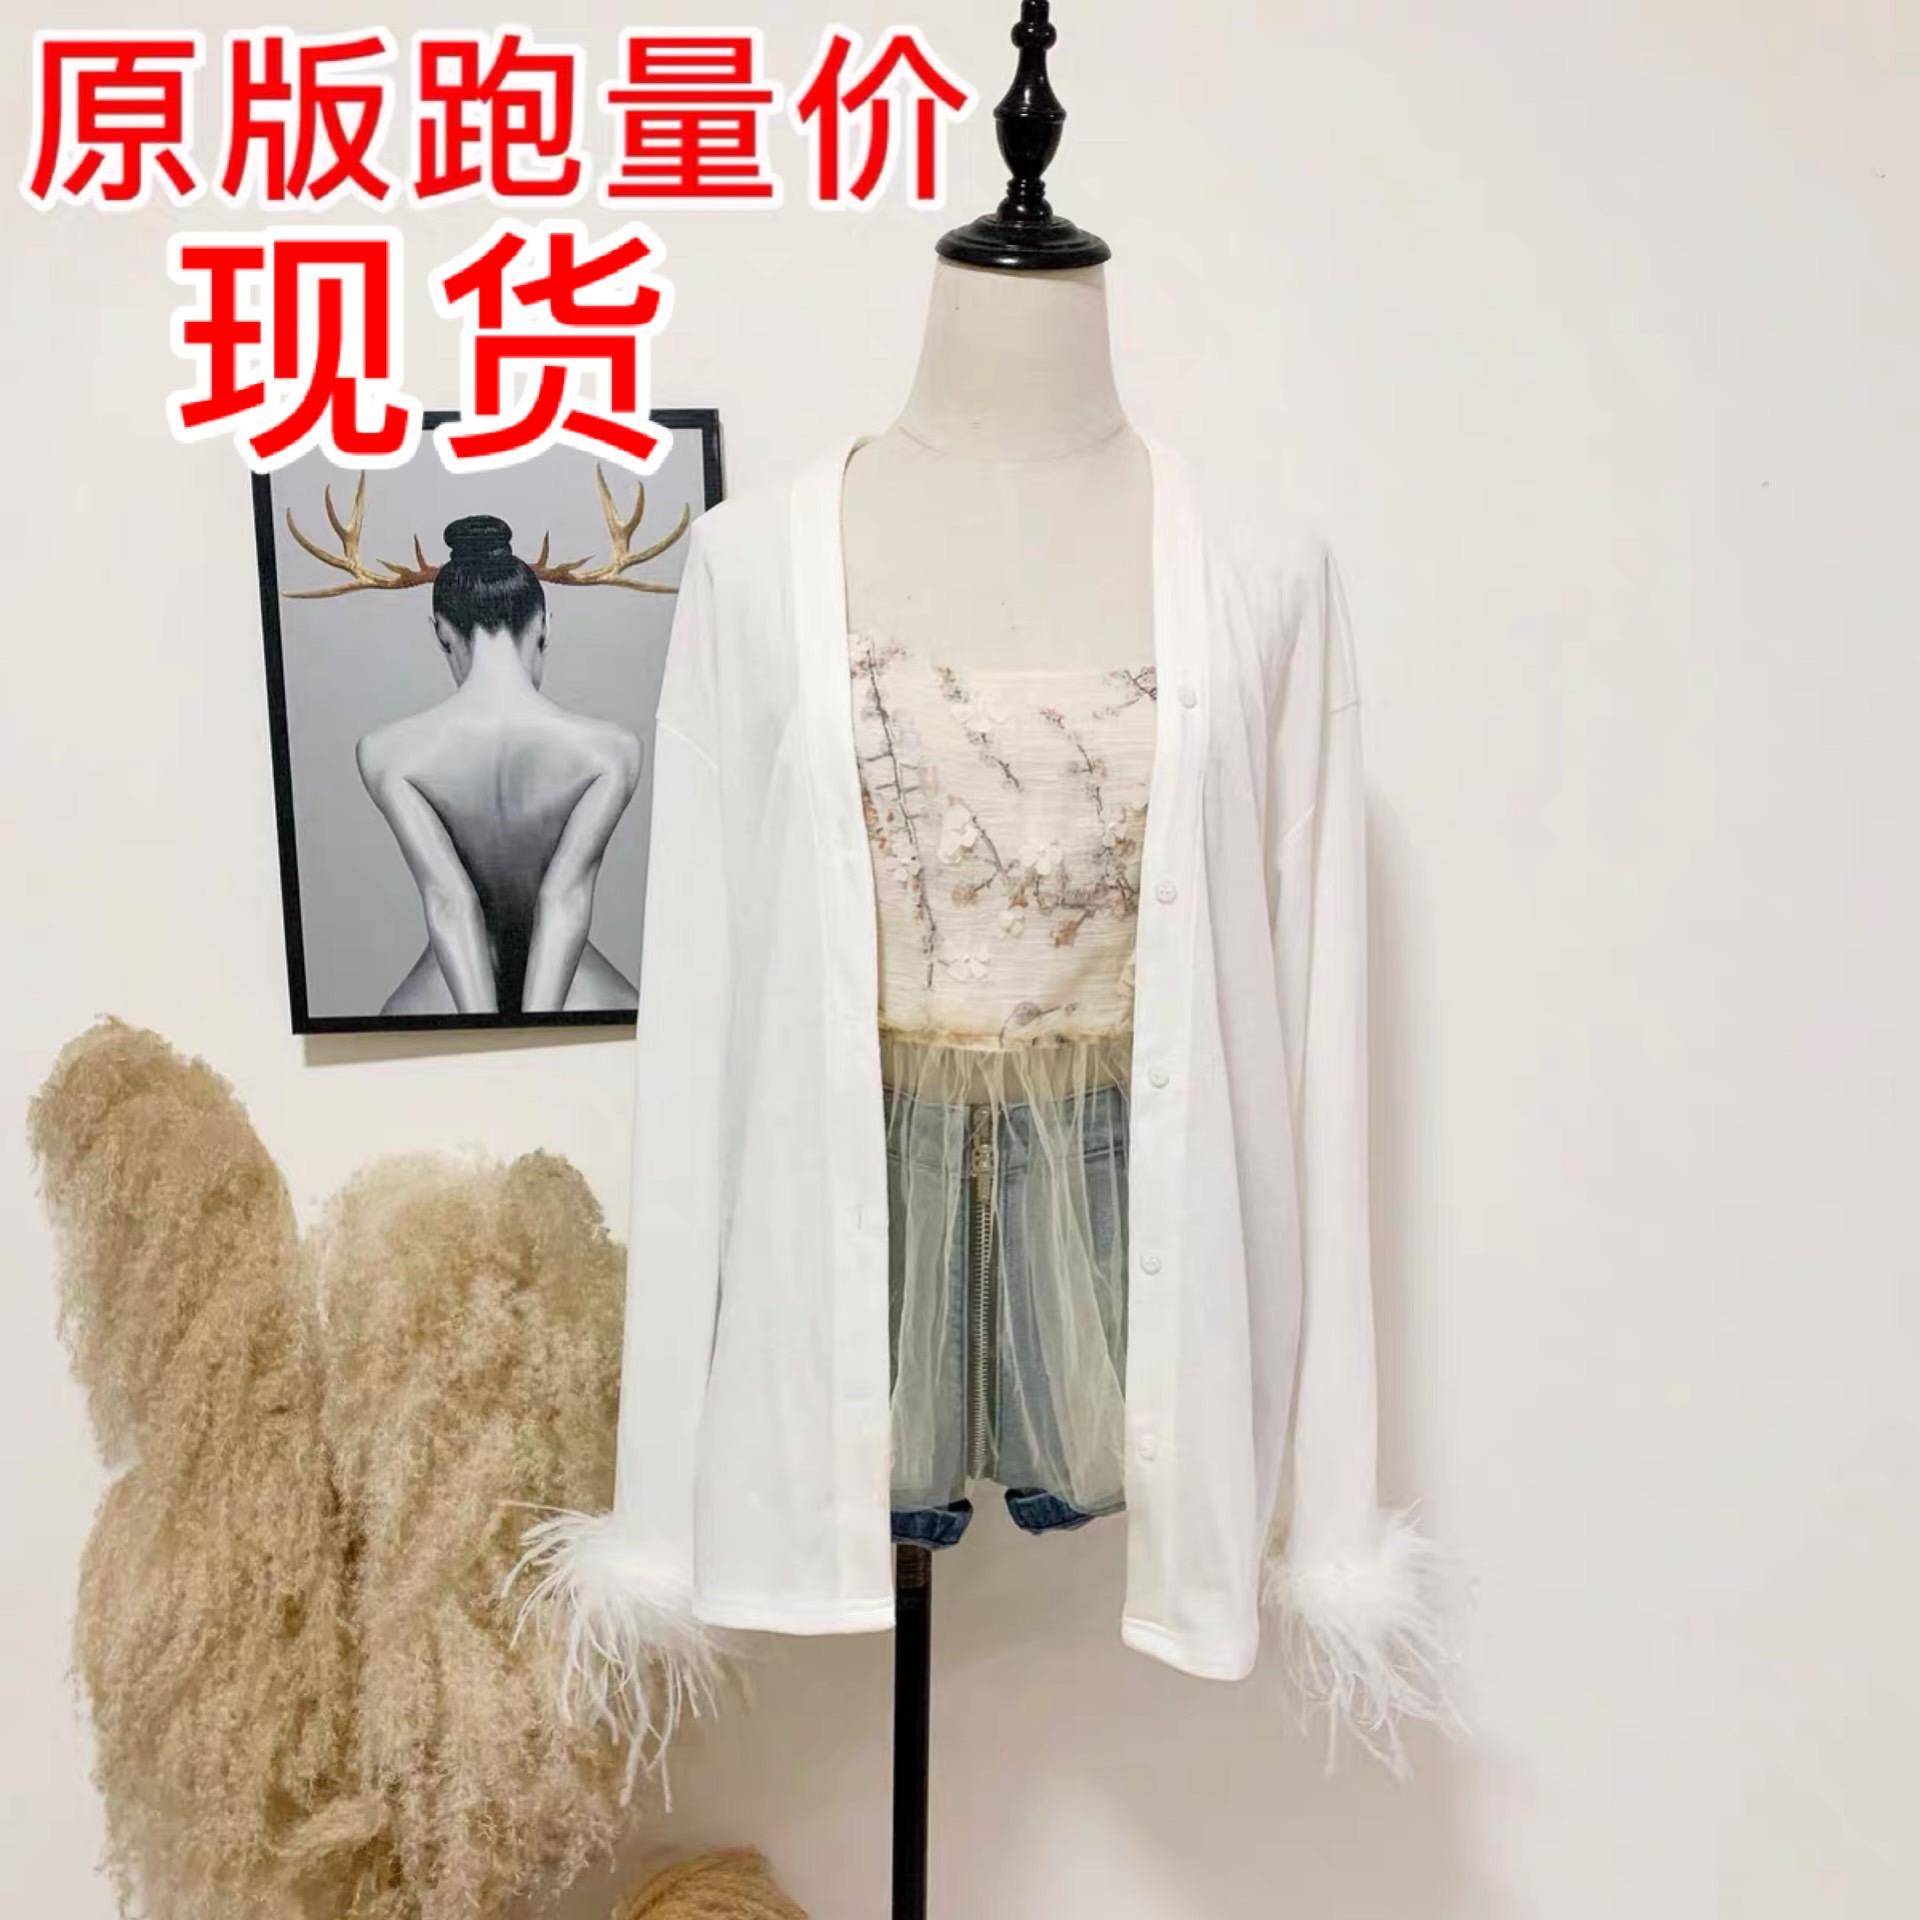 针织衫 Wuuus 白色网红小款针织开衫女2020年春季薄款防晒上衣中长款修身_推荐淘宝好看的女针织衫